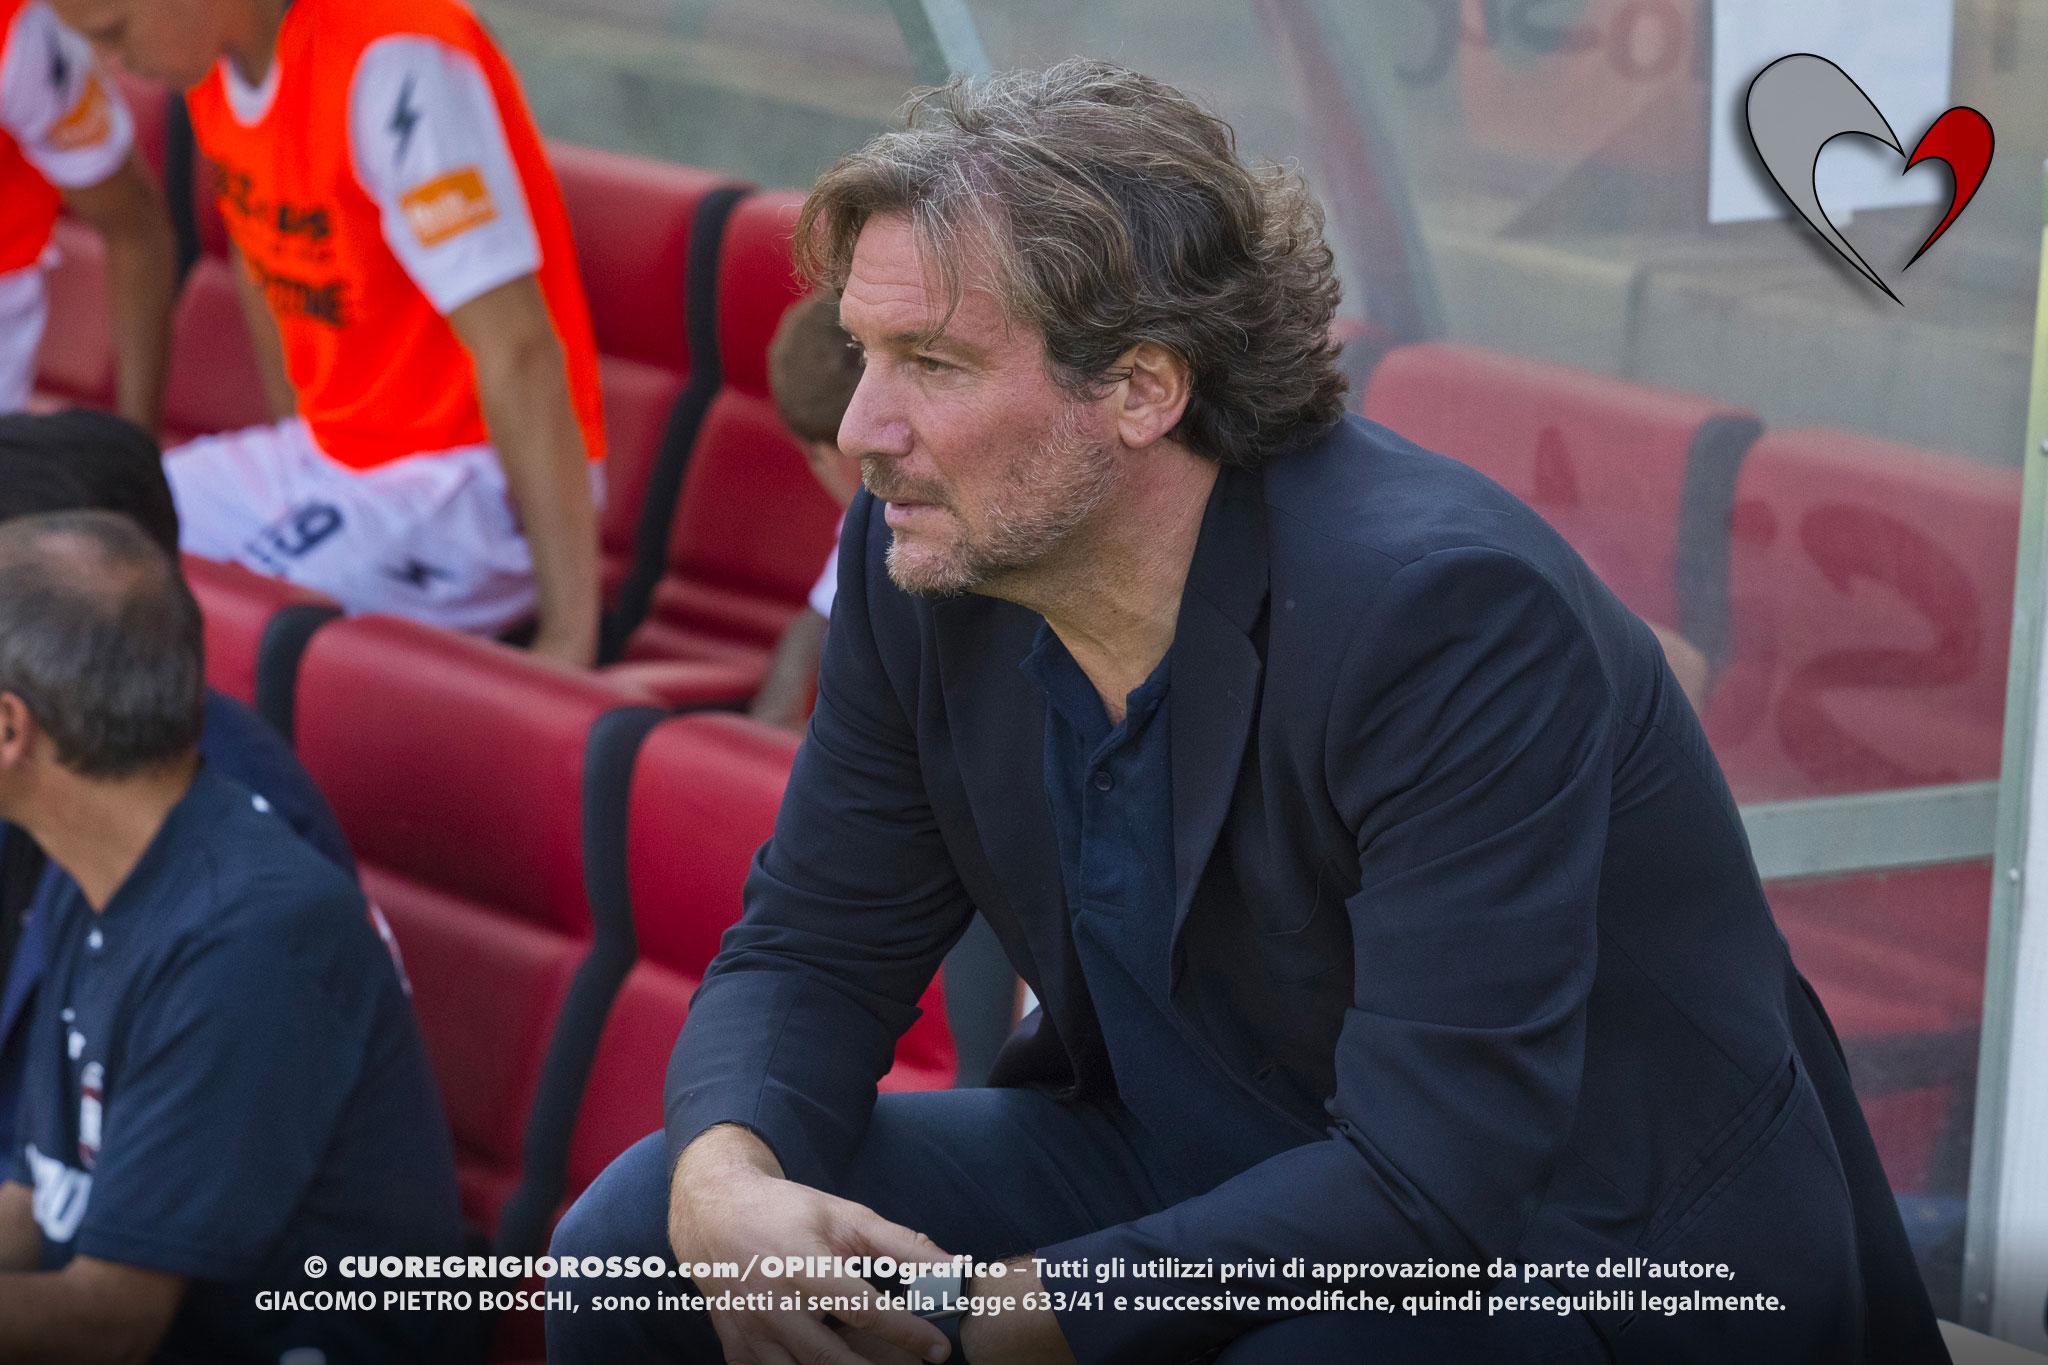 Serie B, contratti da rivedere anche per gli allenatori